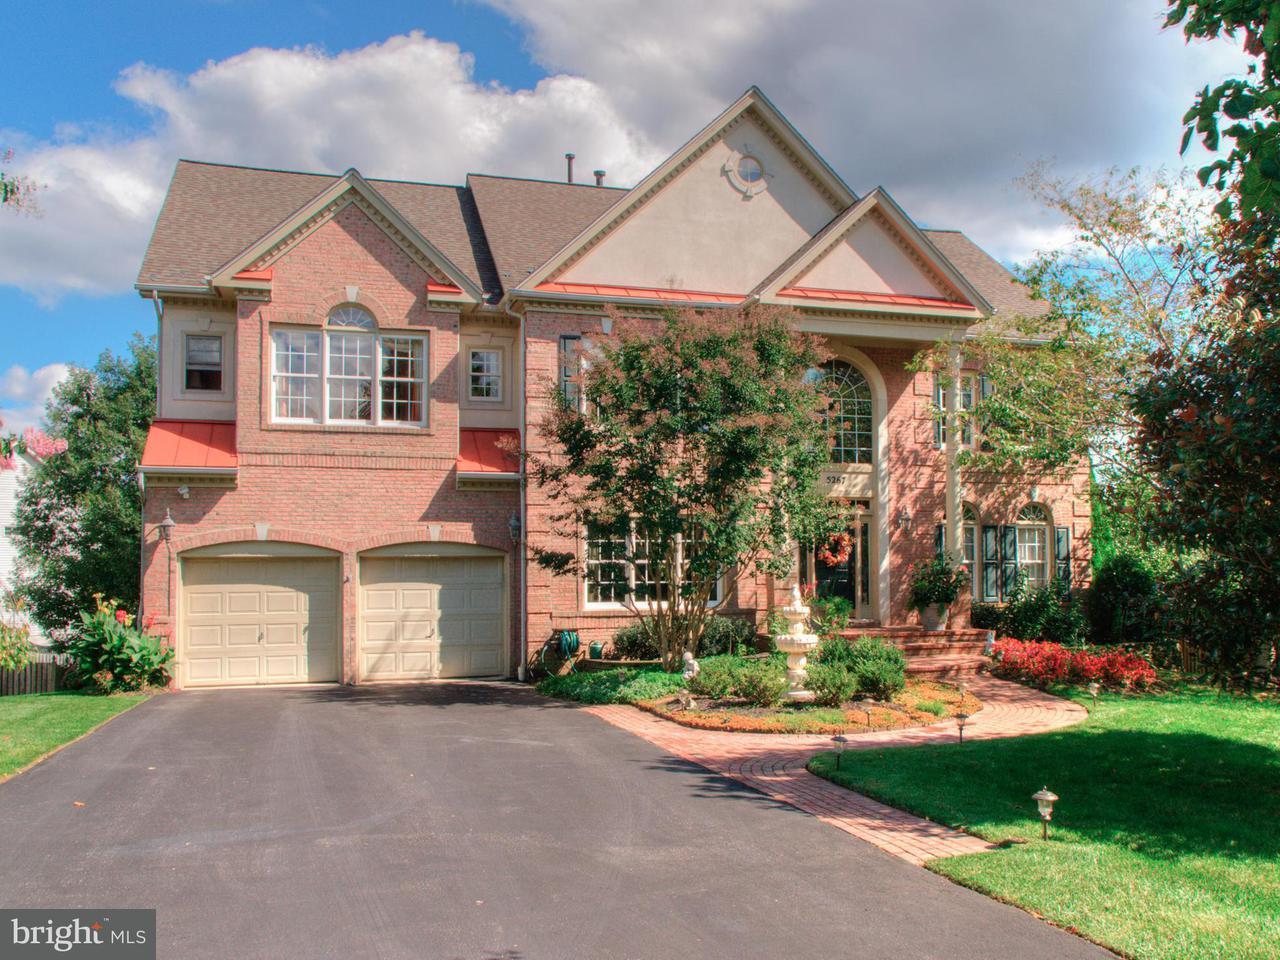 一戸建て のために 売買 アット 5267 Grovemont Drive 5267 Grovemont Drive Elkridge, メリーランド 21075 アメリカ合衆国